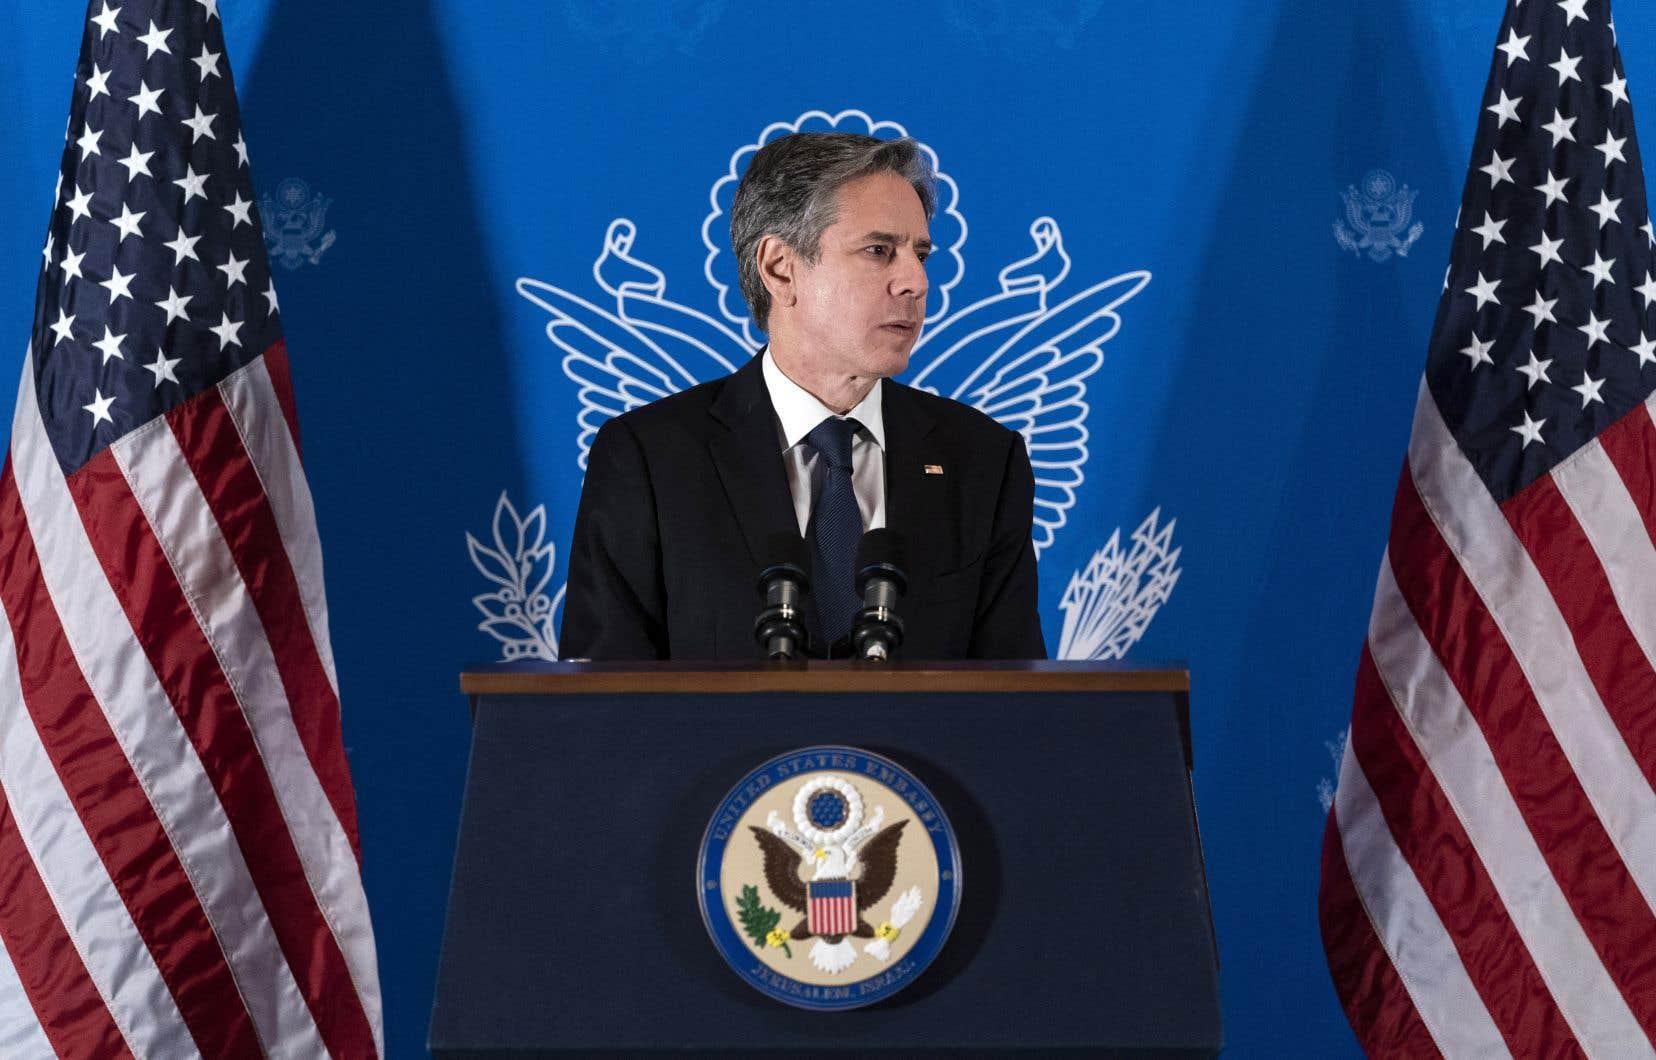 Le chef de la diplomatie américaine,Antony Blinken, a entamé mardi une tournée au Proche-Orient dans l'espoir de consolider la trêve fragile à Gaza.